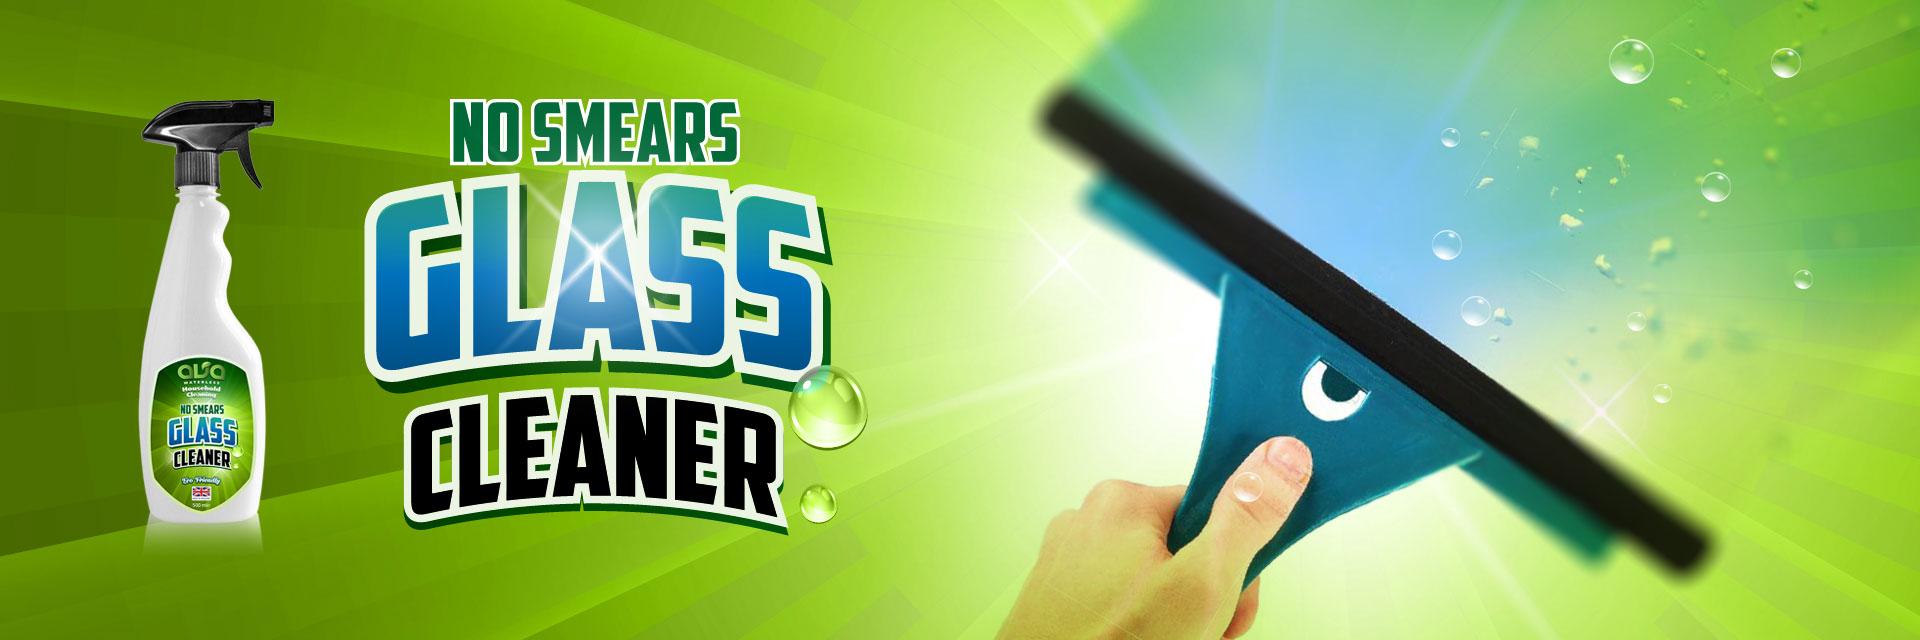 AVA Glass Cleaner